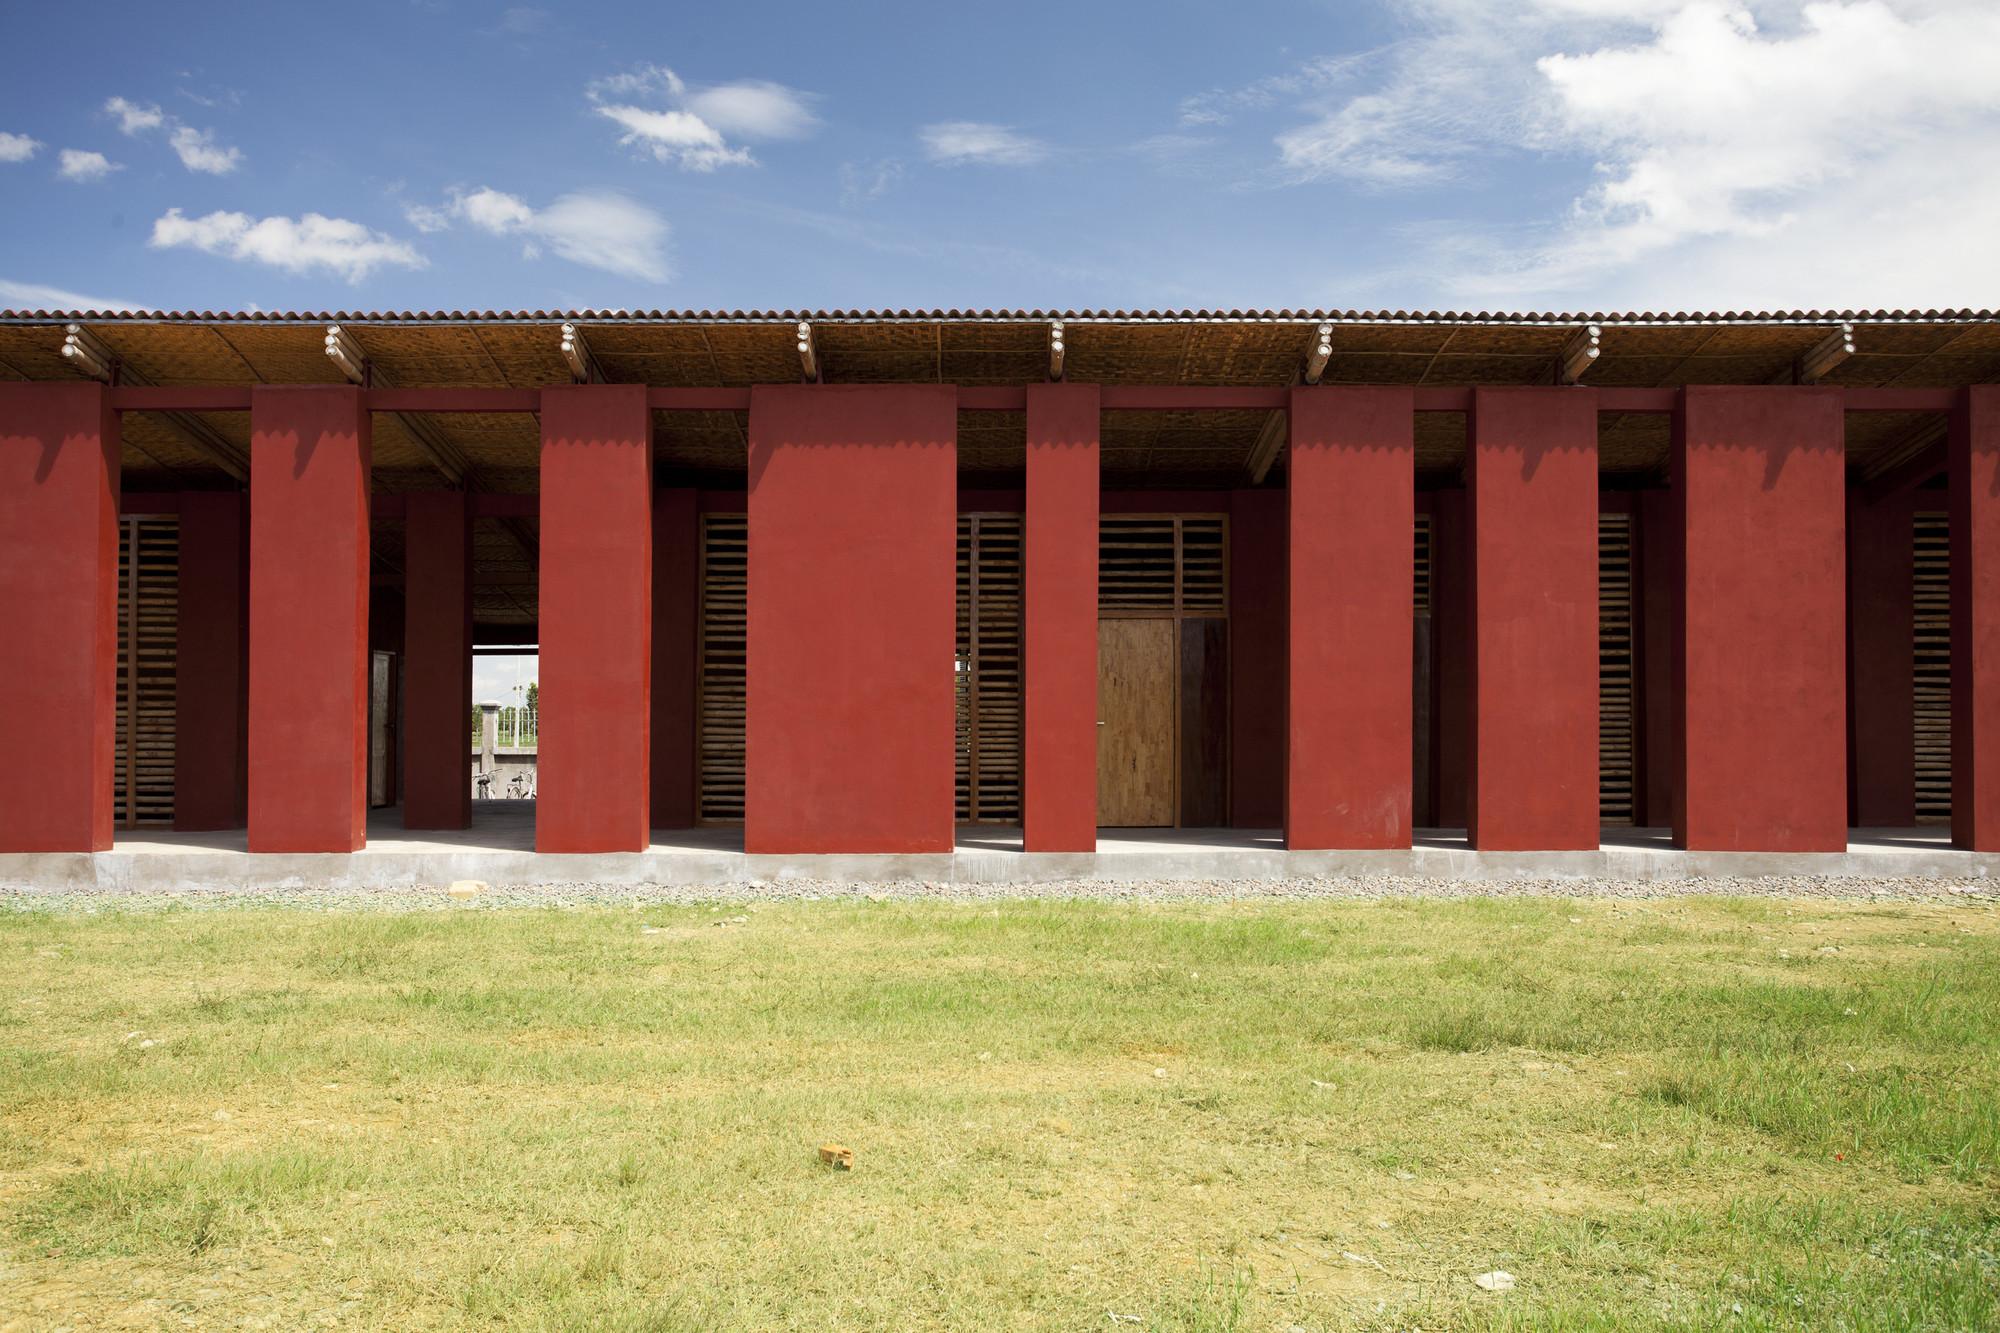 Secondary School in Cambodia / Architetti senza frontiere Italia, © Bernardo Salce